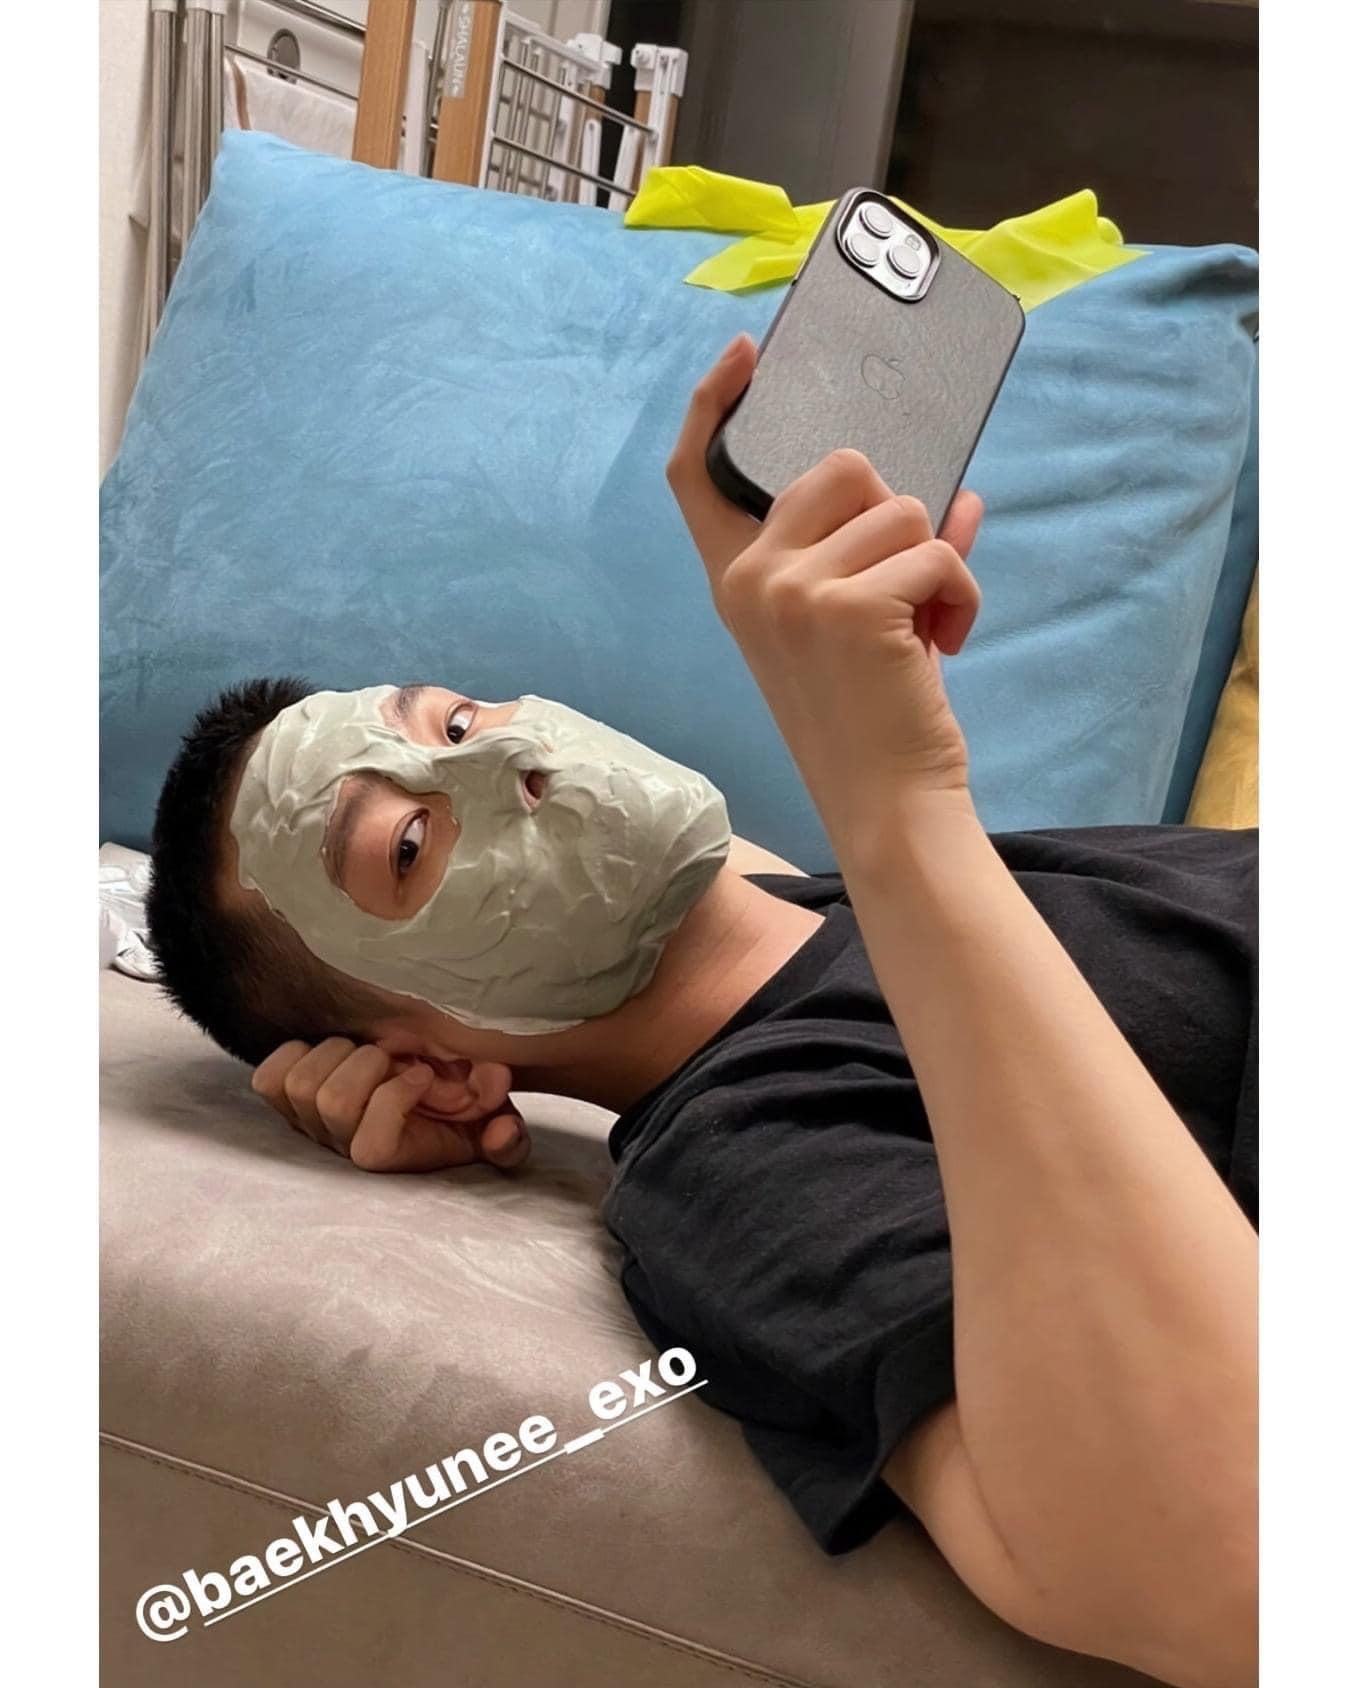 Màn đắp mặt nạ có 1-0-2 của nam idol khiến fan cảm thán: Thì ra idol cũng biết tiếc của như chúng ta! - Ảnh 1.